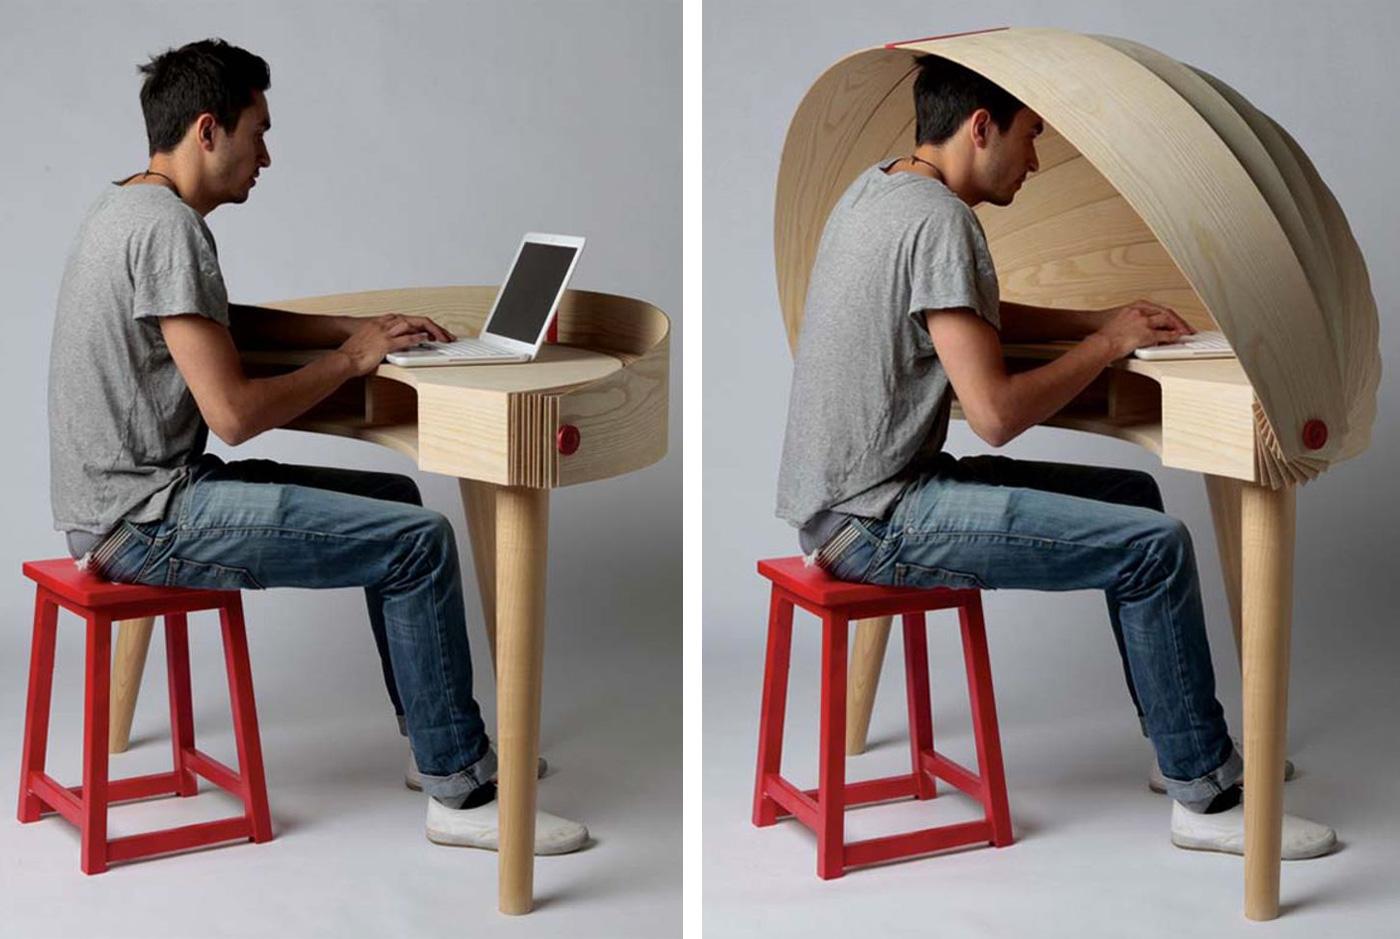 Creative Desks our round-up of creative work desks - plain magazine